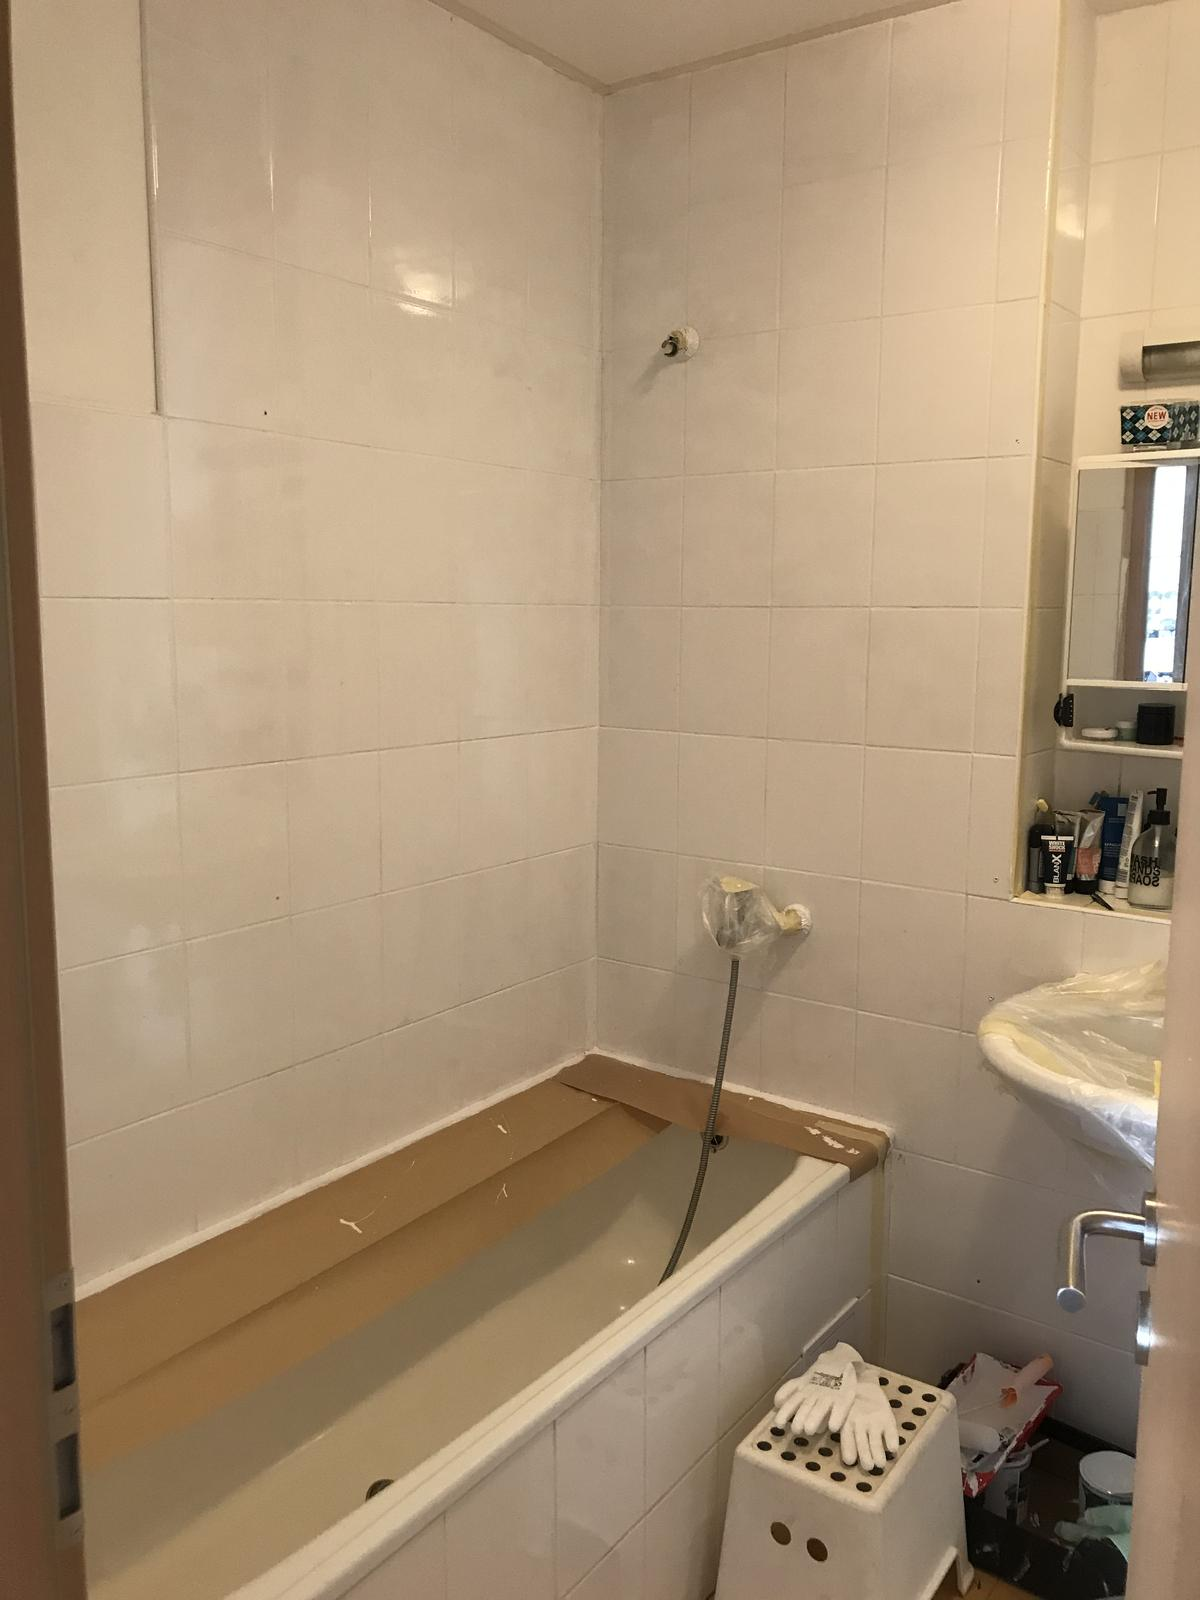 Z příšerné koupelny tvořím trochu lepší 💪 - Obrázek č. 9